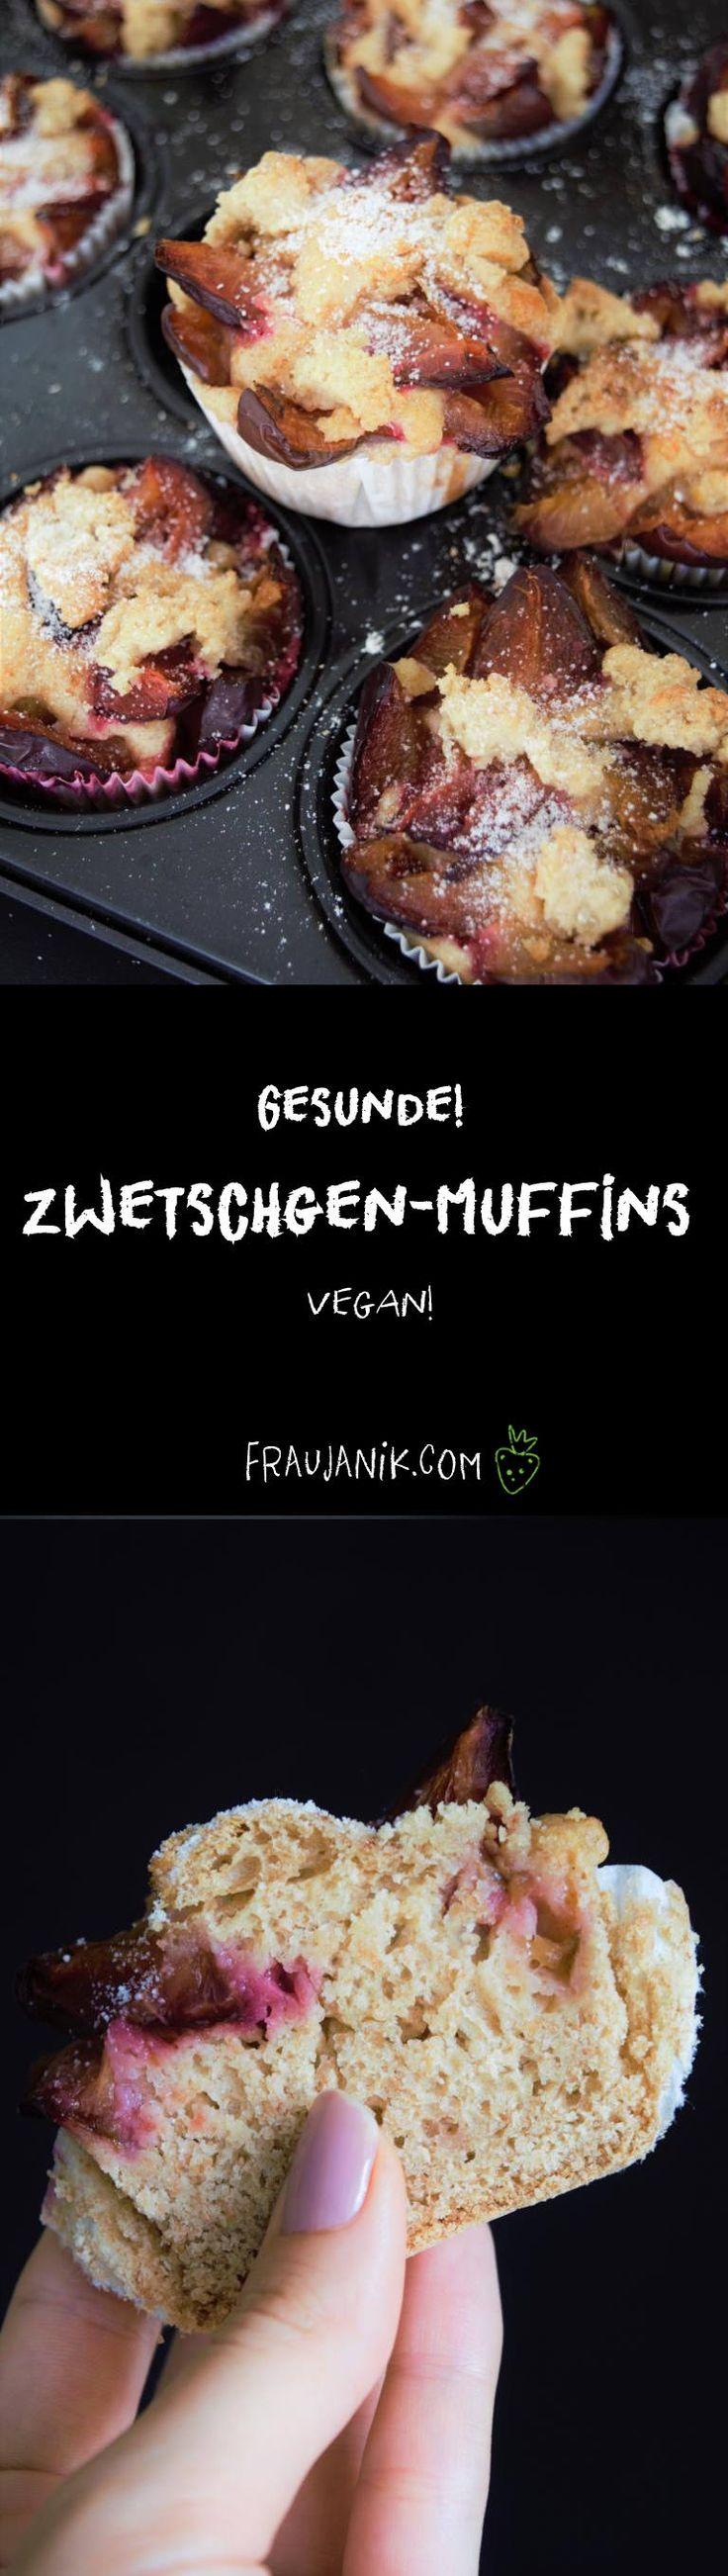 Gesunder Zwetschgenkuchen aus Hefeteig mit Cashew-Hafer-Streusel- vegan, mit Dinkelvollkornmehl & sehr wenig Zucker …